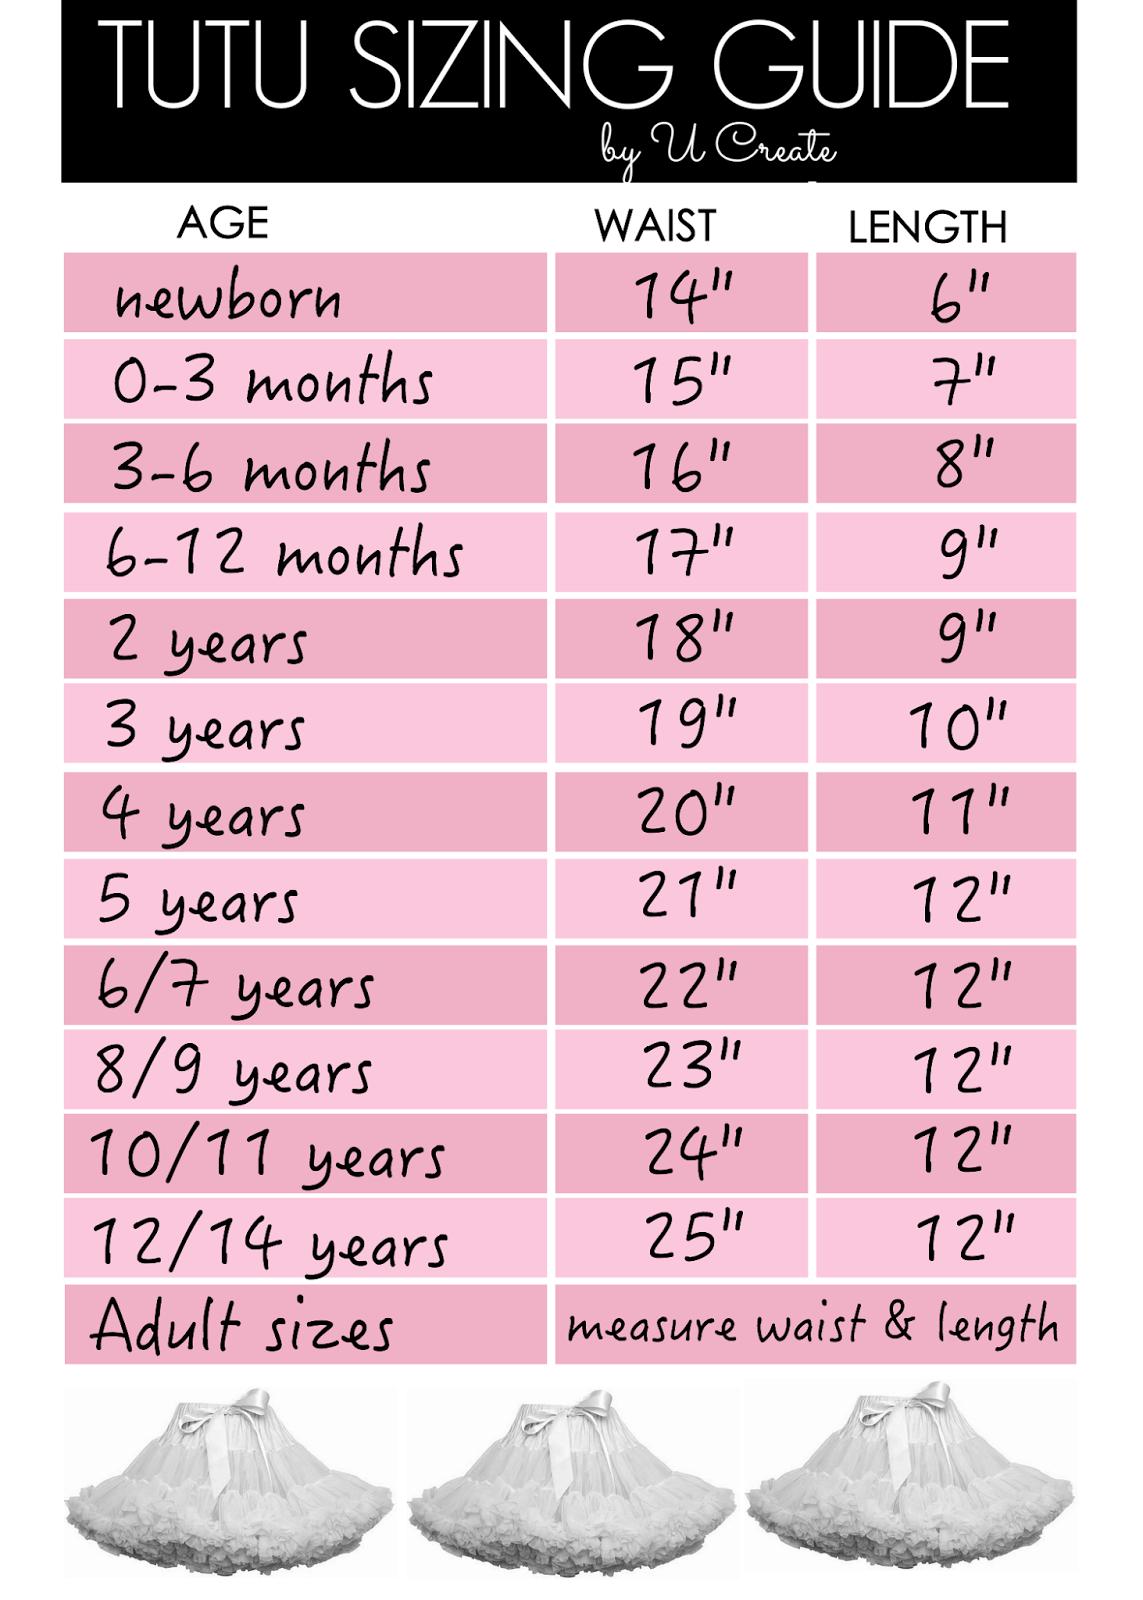 5c1abe4295 Tutu Sizing Guide Chart | U Create | Bloglovin'